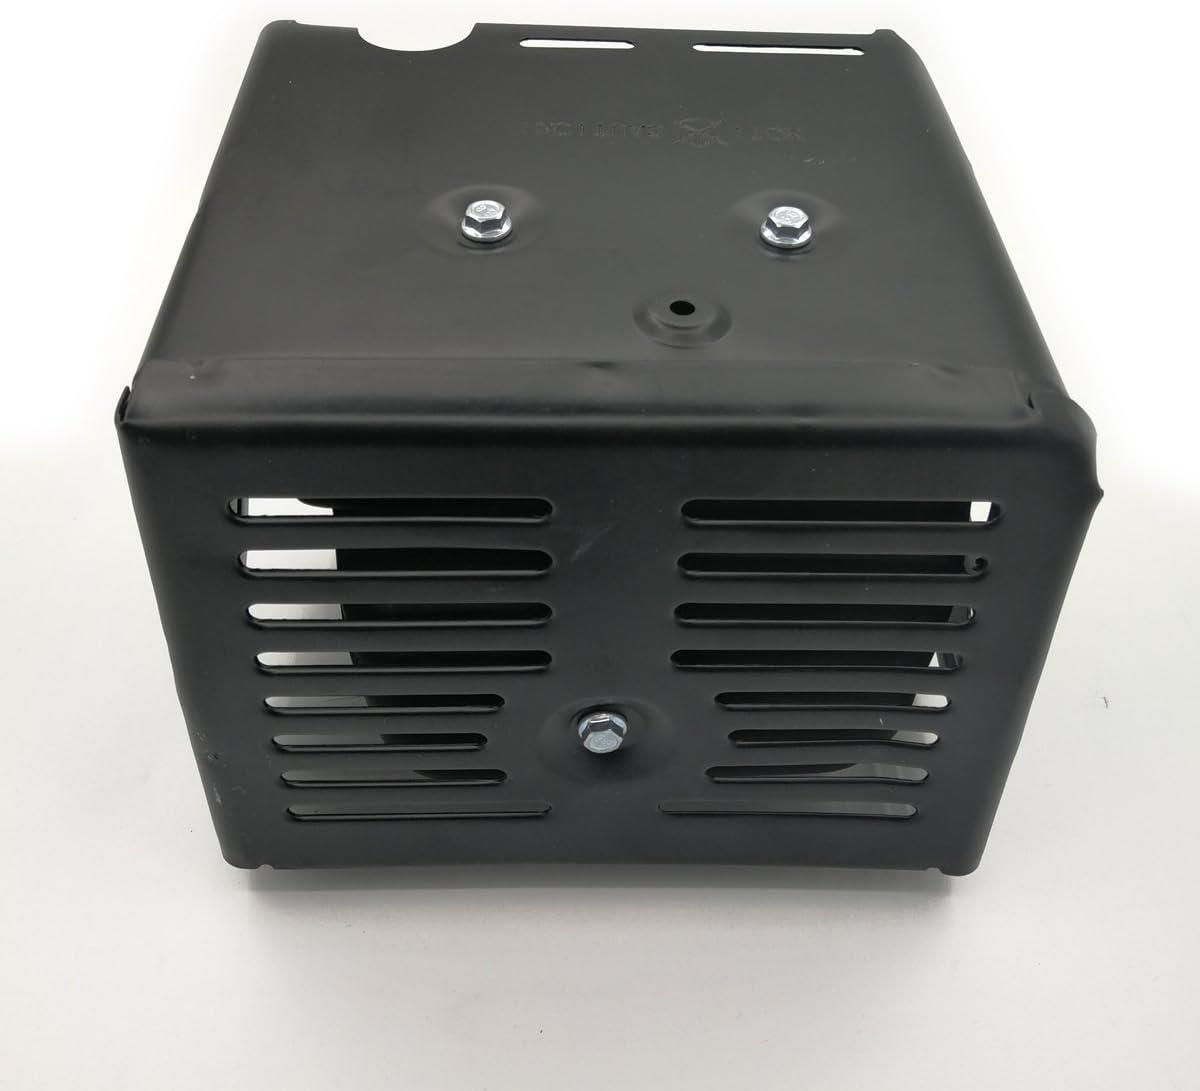 Cancanle Silenziatore di Scarico per Honda GX340 GX390 GX420 11HP 13HP 389cc 420cc Tempi Gas Motore Pompa Acqua 18310-ZE2-W61